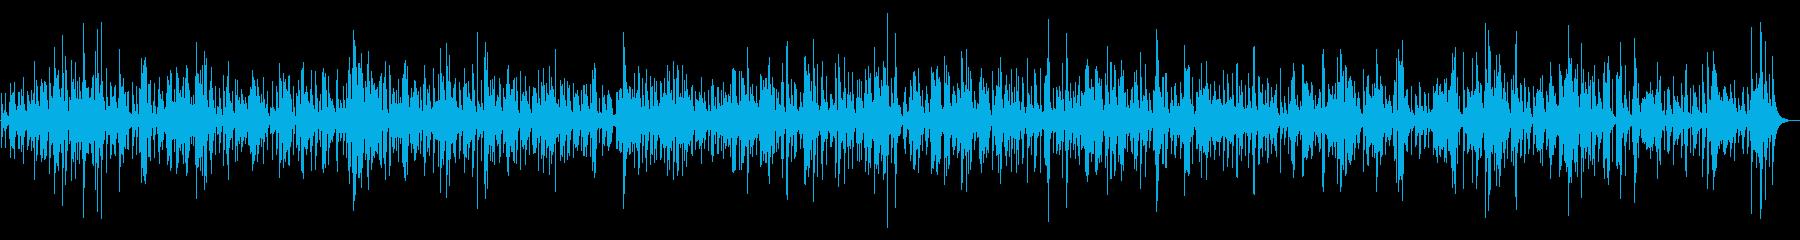 ゆったり癒しの夜ジャズリラックスBGMの再生済みの波形